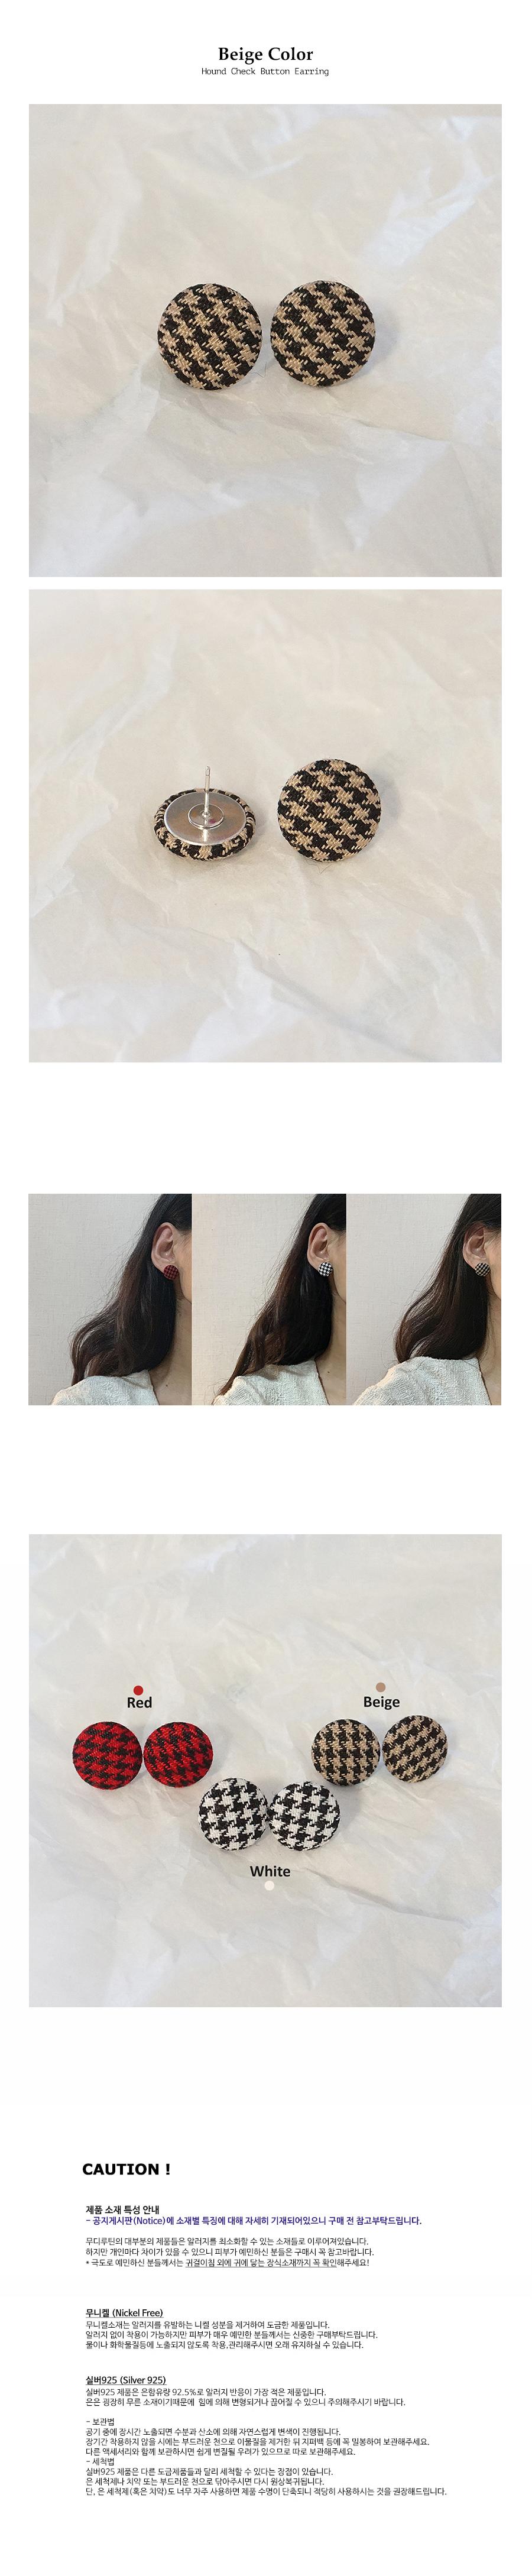 하운드체크 버튼 귀걸이 (3colors) - 무디루틴, 8,500원, 실버, 볼귀걸이